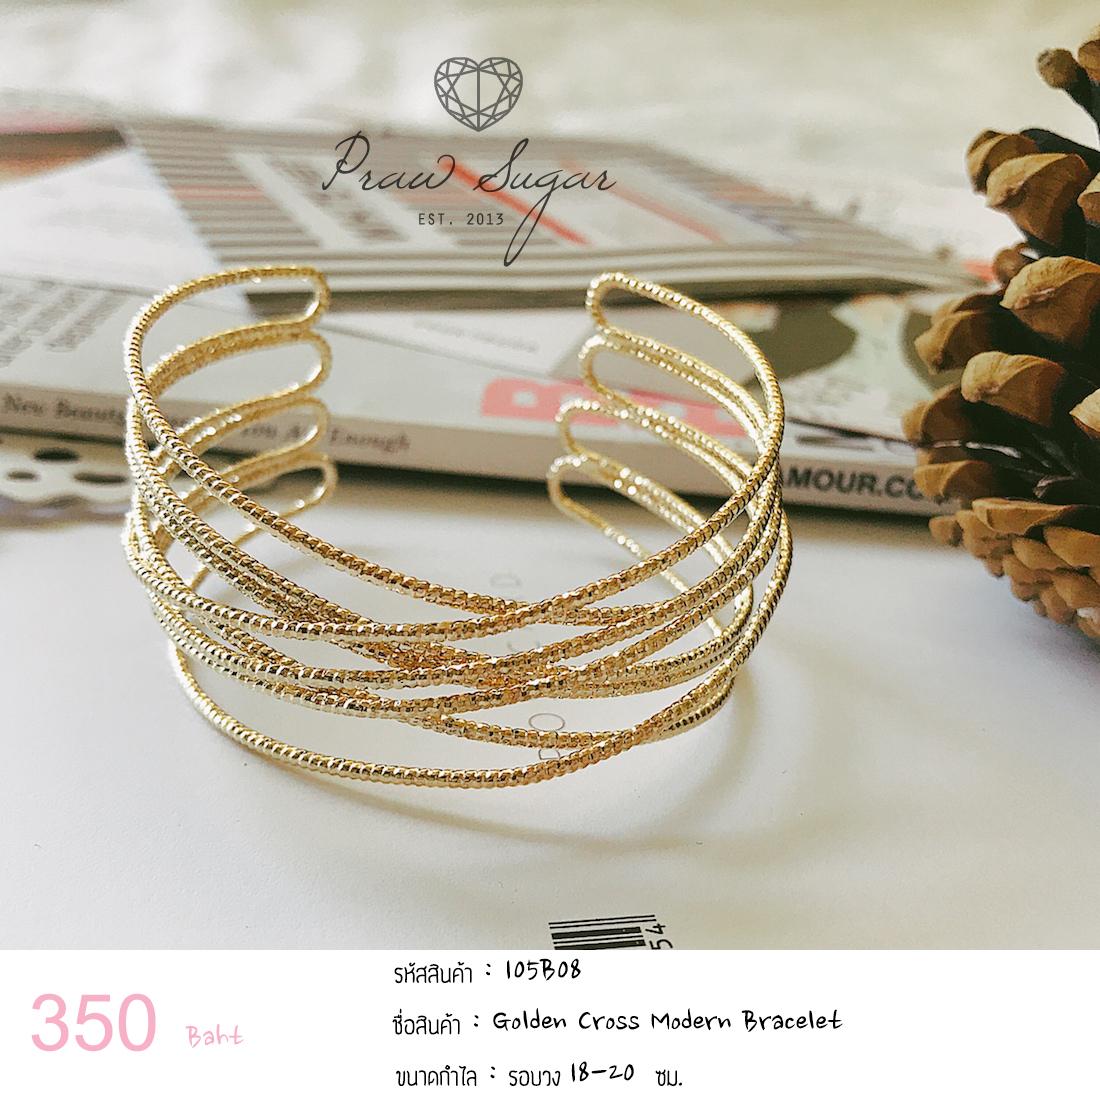 Golden Cross Modern Bracelet